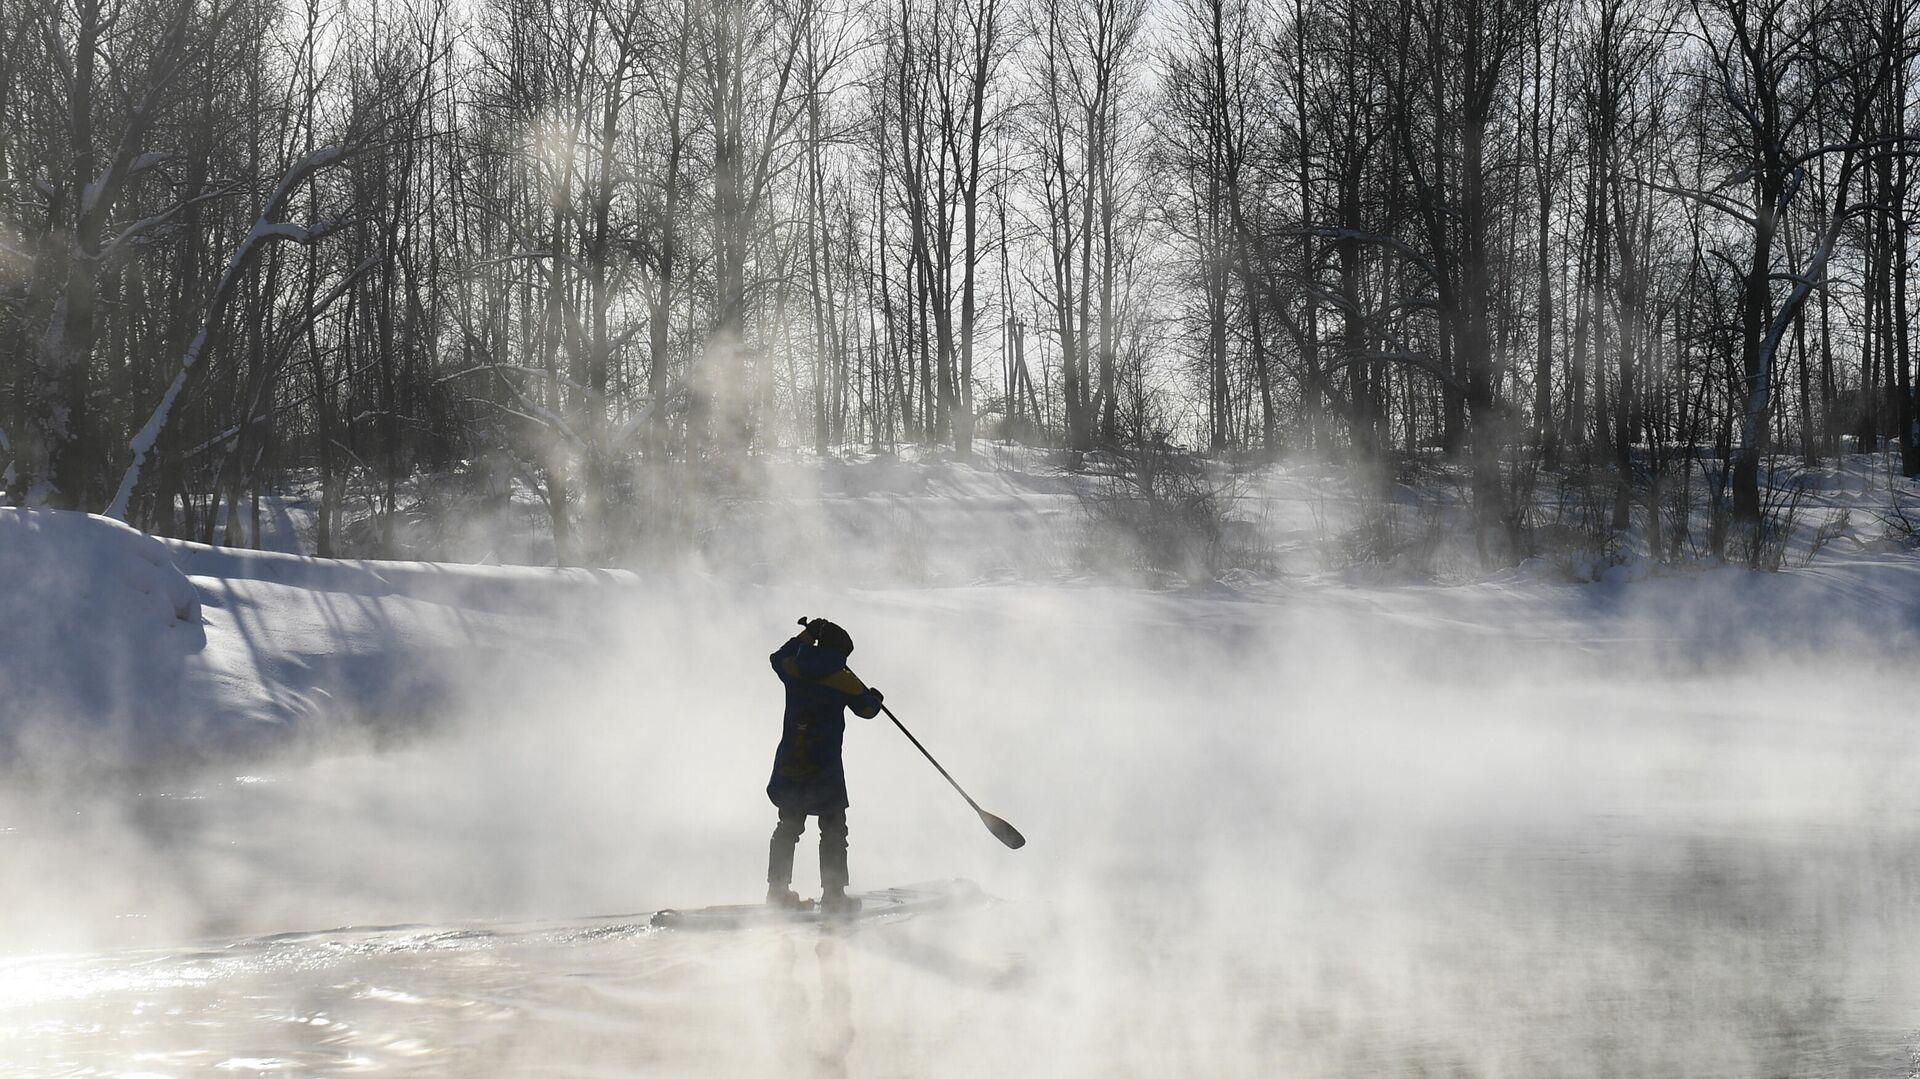 Ein Athlet der SUP-Novosibirsk Sapsurfing-Gruppe beim Winterschwimmen auf einem nicht zugefrorenen Fluss in der Nähe von Novosibirsk - SNA, 1920, 23.09.2021